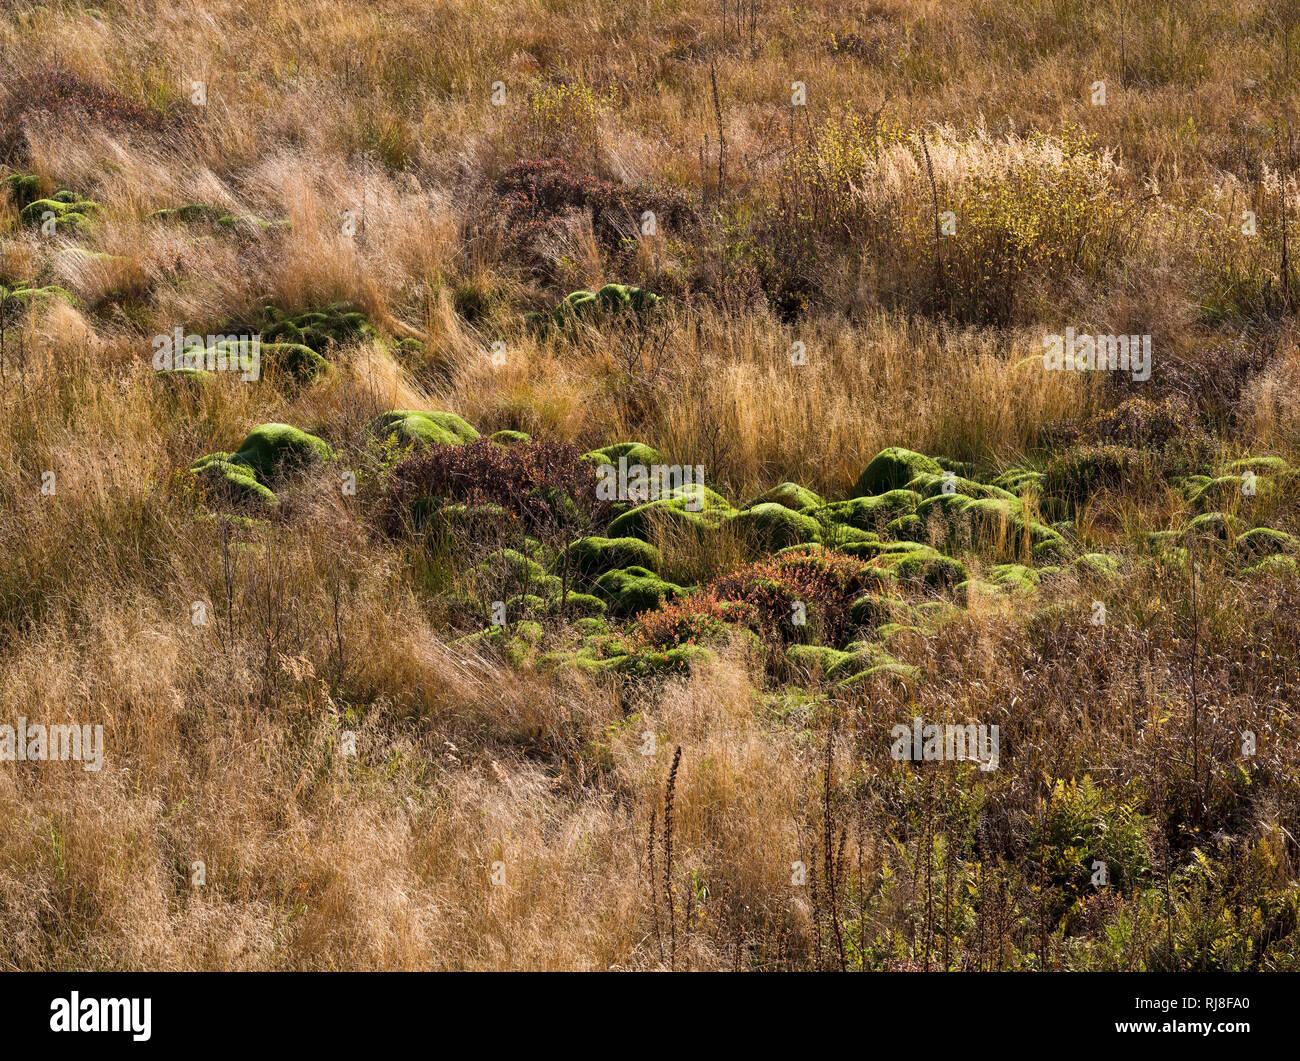 Deutschland, Hessen, Naturpark Hessische Rhön, UNESCO-Biosphärenreservat, Moospolster und Riedgräser im Roten Moor, Herbst Stock Photo